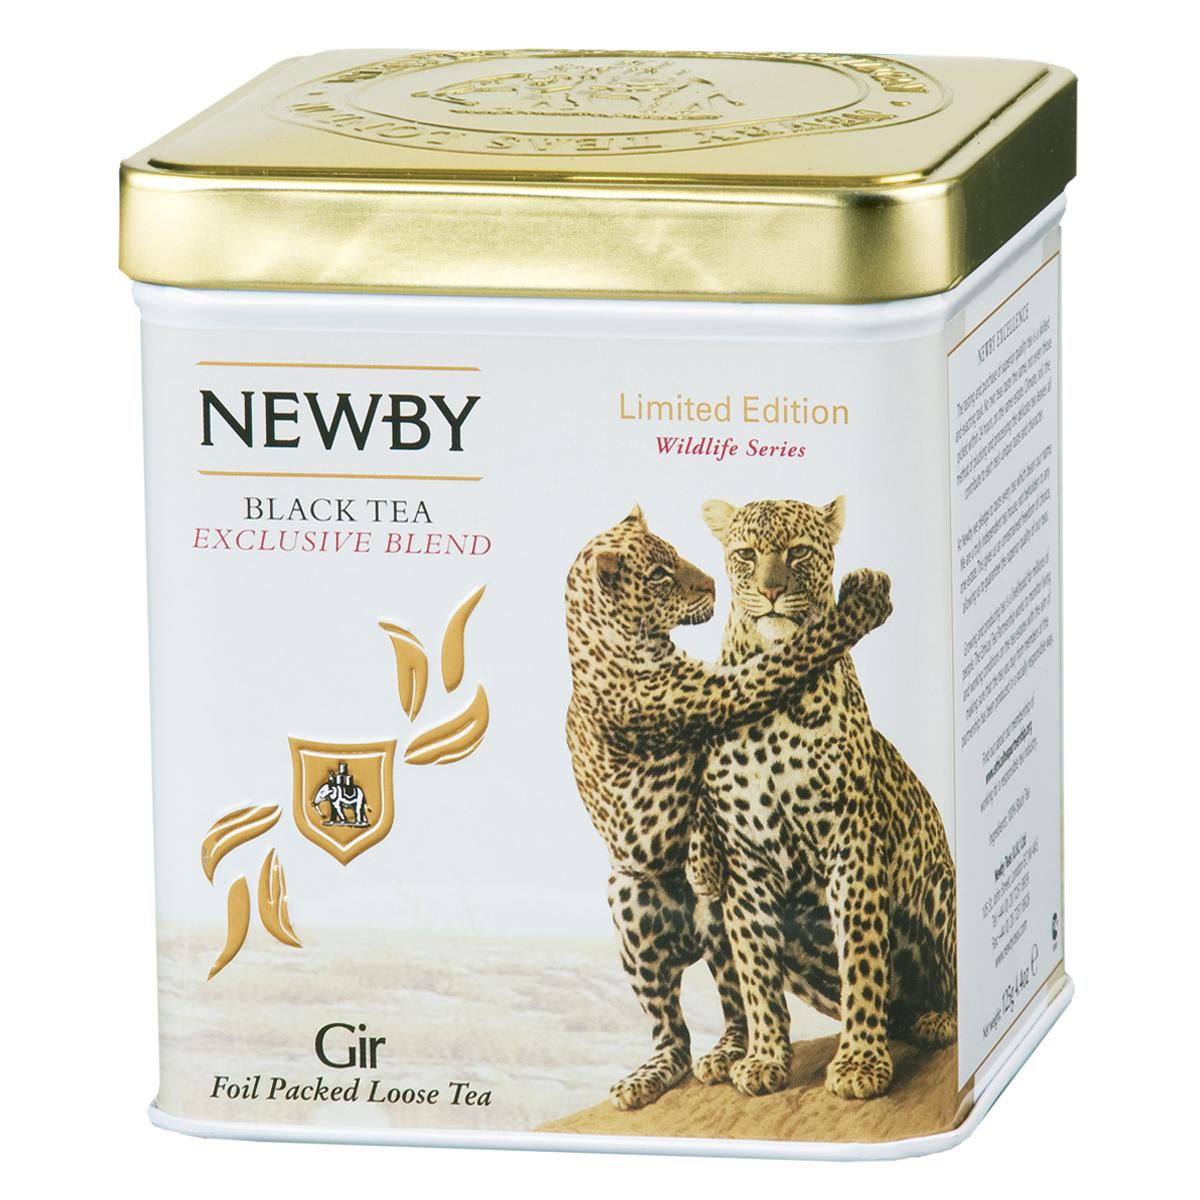 Newby Gir черный листовой чай, 125 г0120710Неповторимая смесь премиального черного чая Ассам с золотистыми типсами. Яркий настой с богатым солодовым ароматом и пряным послевкусием.